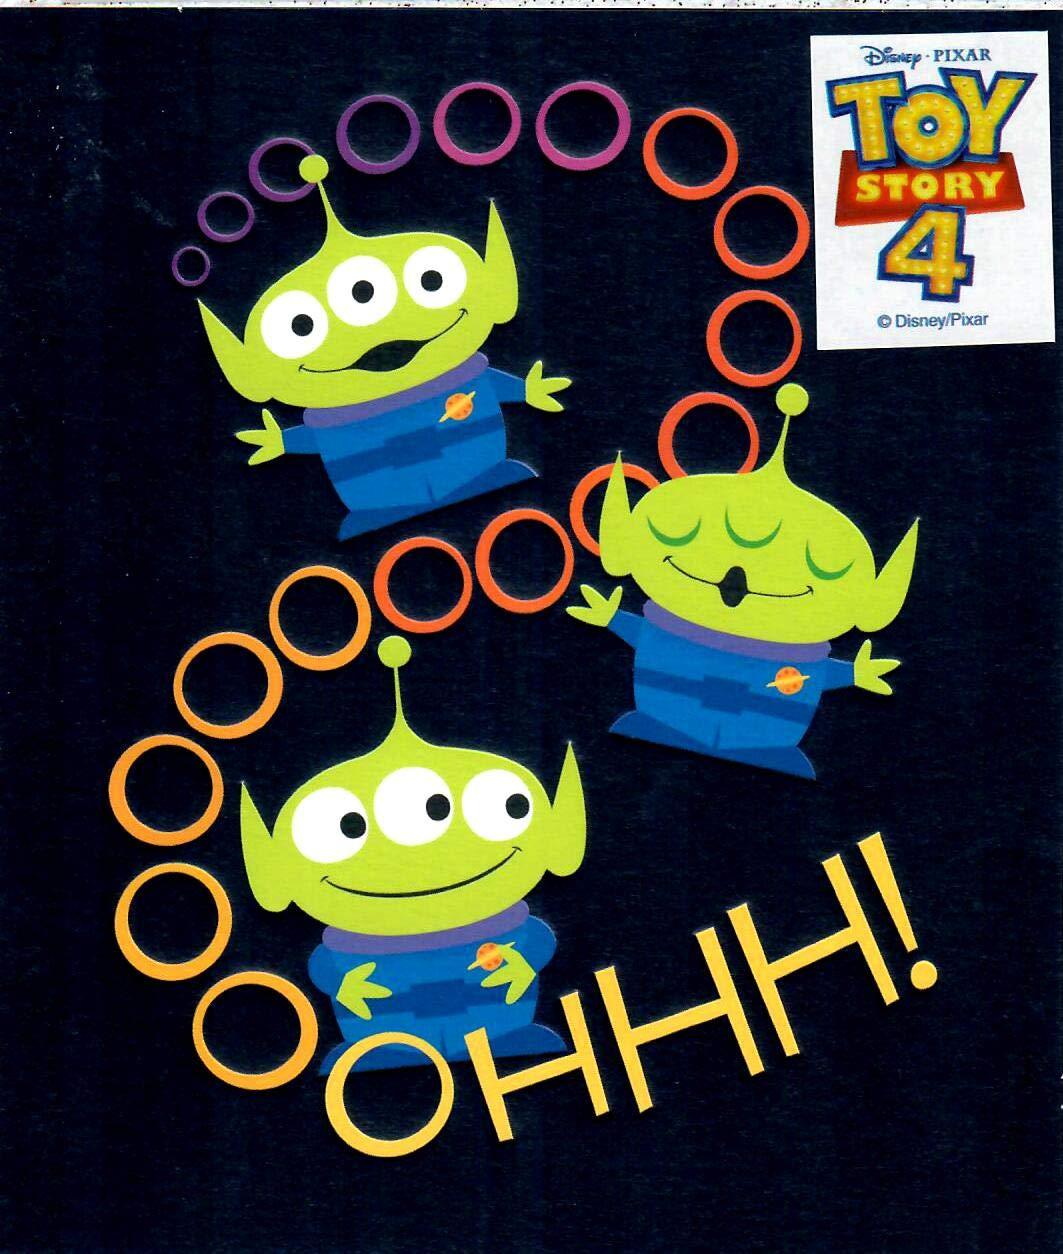 Toy Story 4 - OOOOHHHH! Tarjeta de cumpleaños de Aliens ...